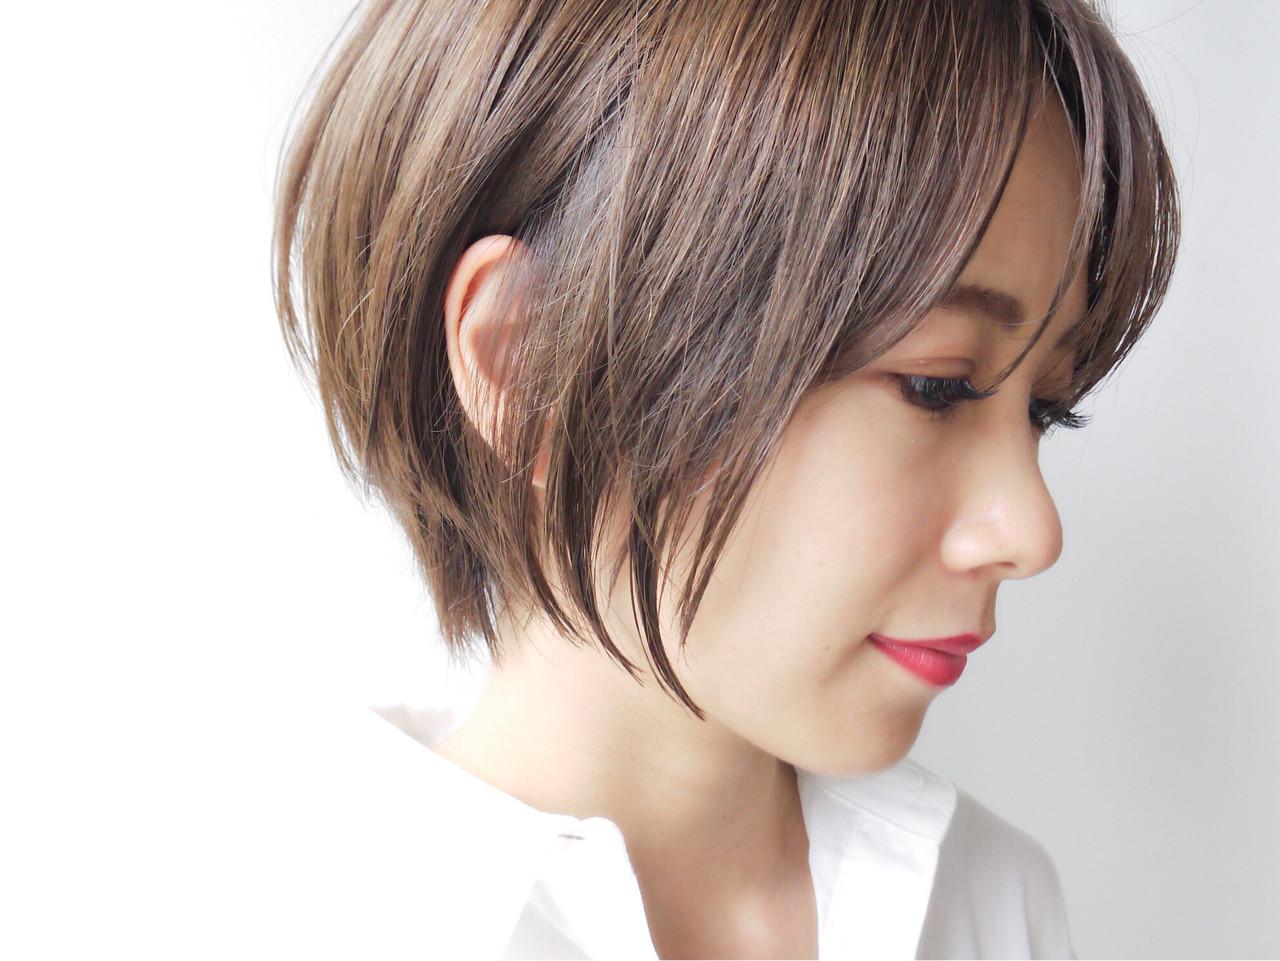 ショートボブ オフィス ゆるふわ コンサバ ヘアスタイルや髪型の写真・画像 | HIROKI / roijir / roijir